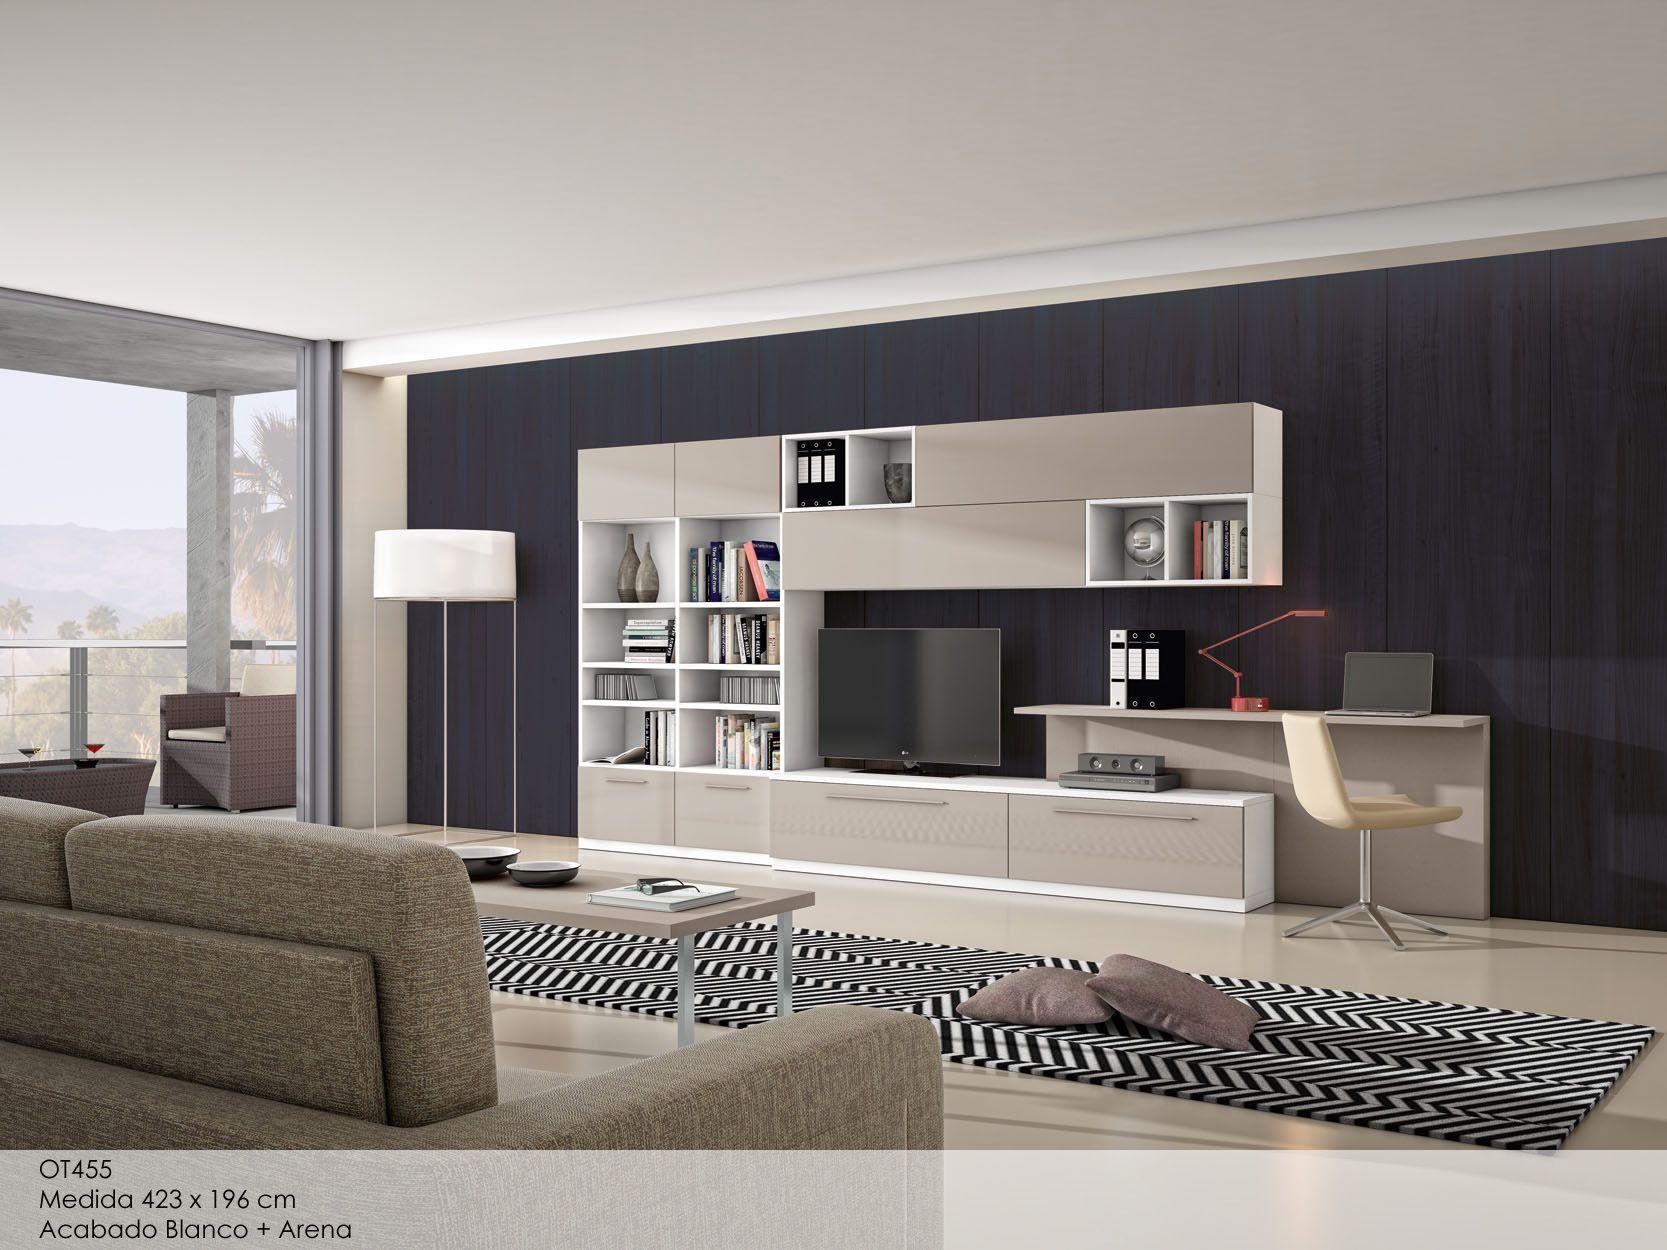 Otto colecci n de salones modernos escritorios for Diseno de muebles de oficina modernos